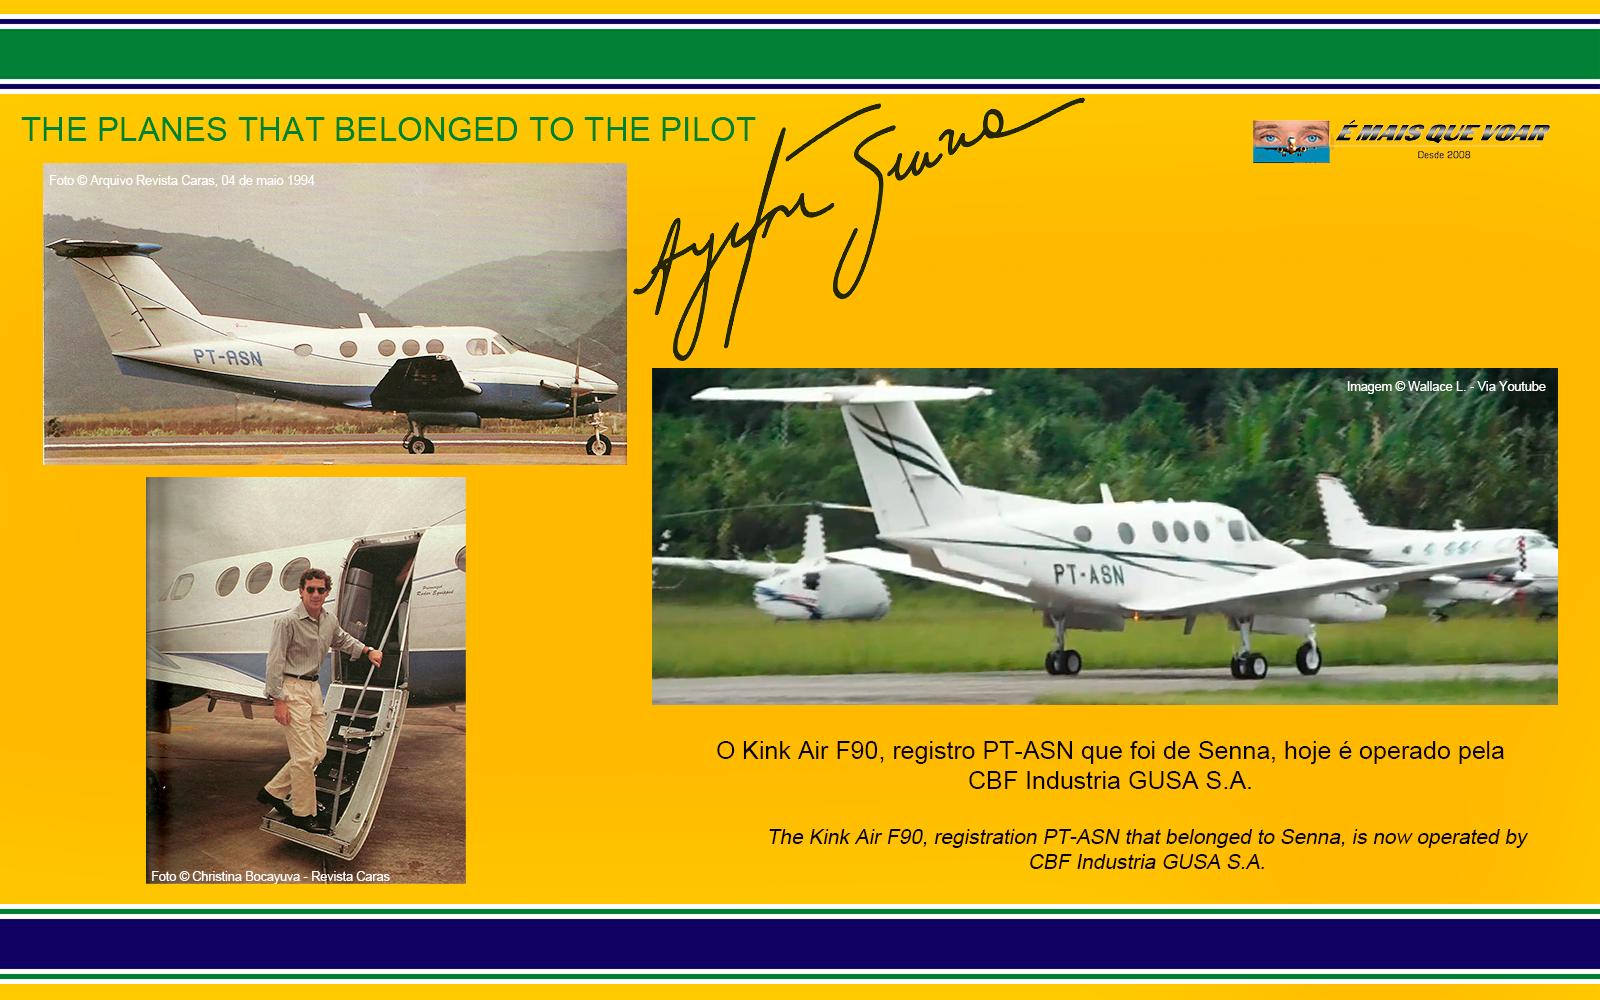 PT-ASN - Beechcraft King Air F90 - Os helicópteros e os aviões que foram do piloto Ayrton Senna? | É MAIS QUE VOAR